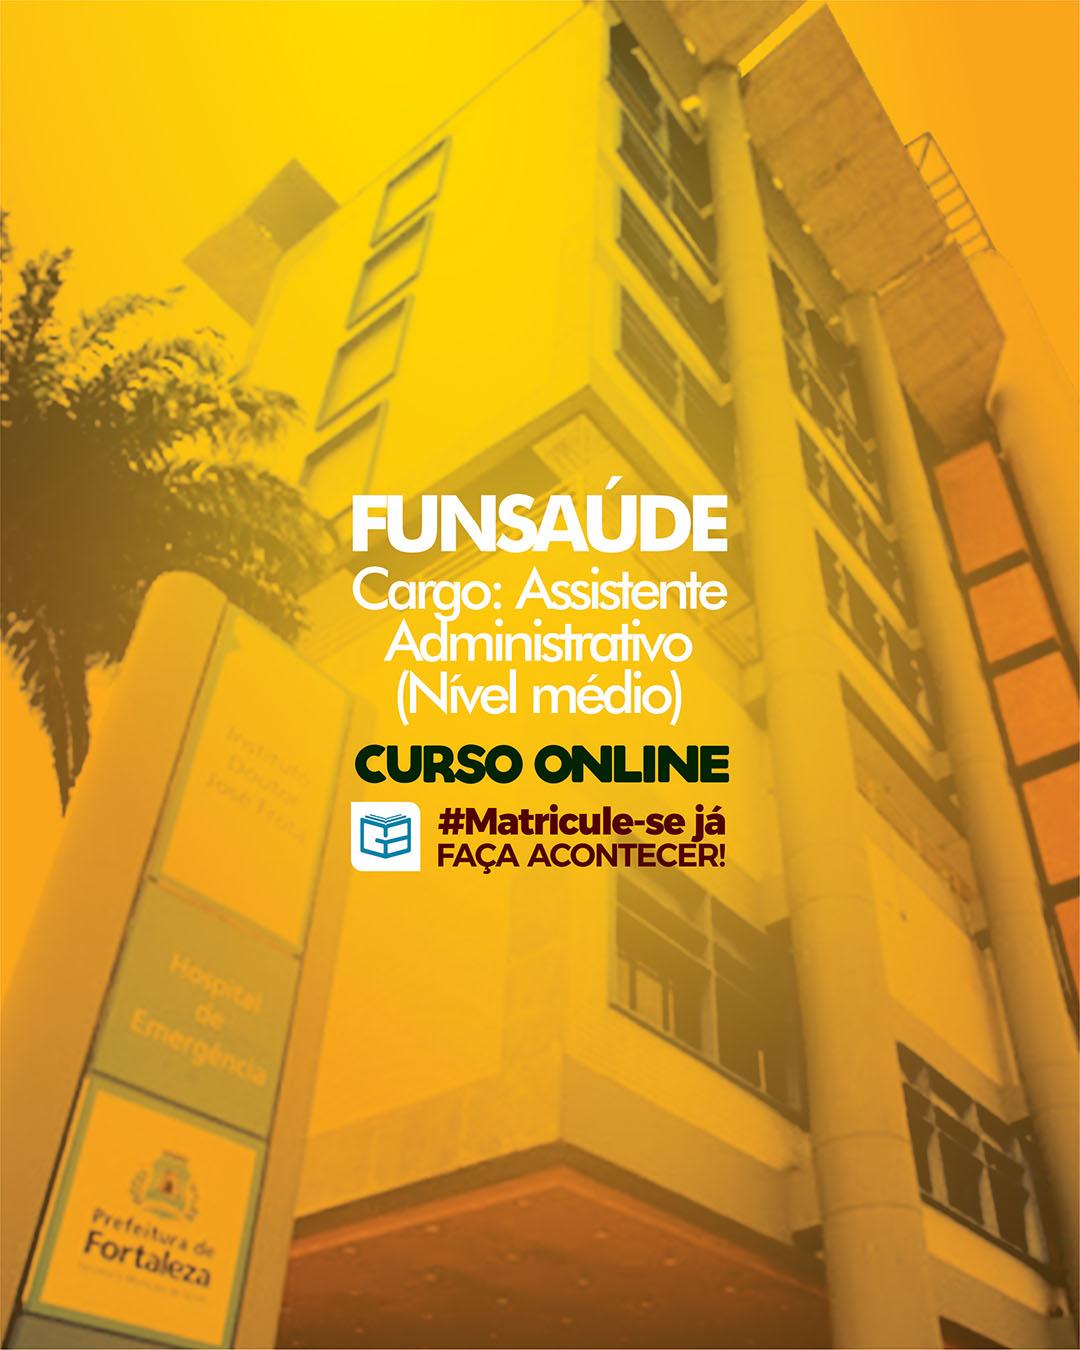 CURSO FUNSAÚDE - CARGO: ASSISTENTE ADMINISTRATIVO